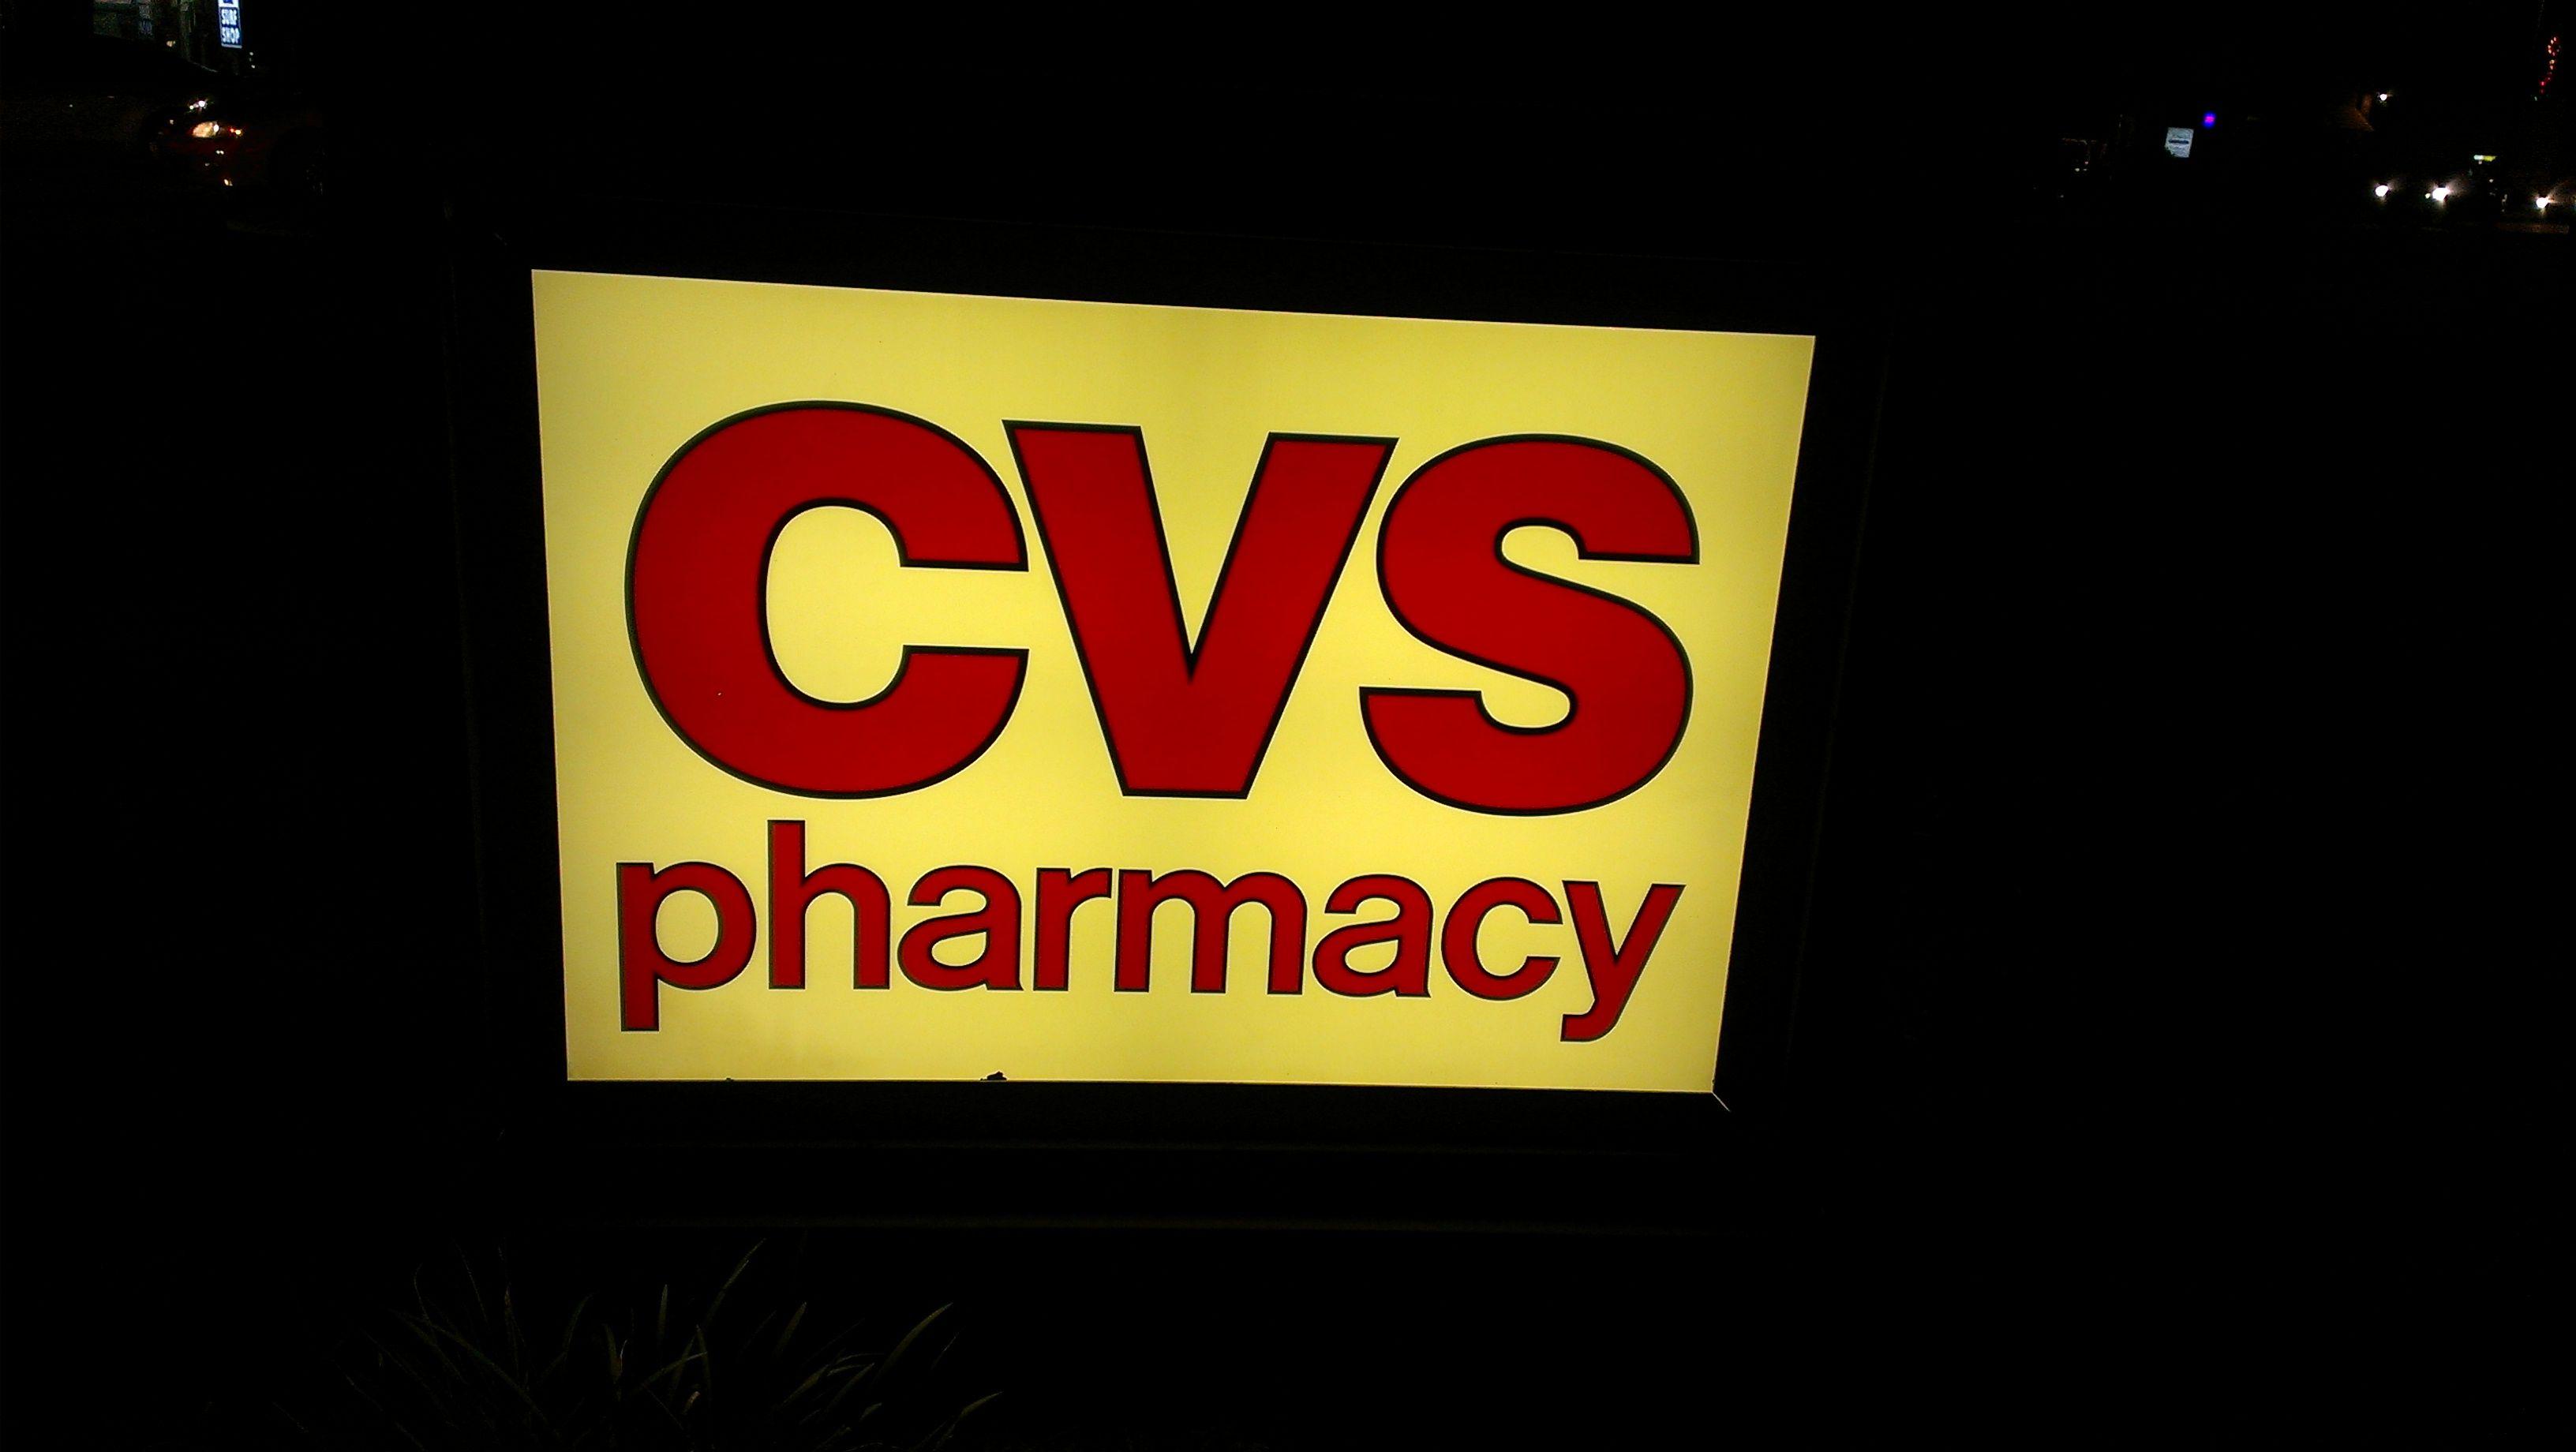 CVS on 5th Ave.